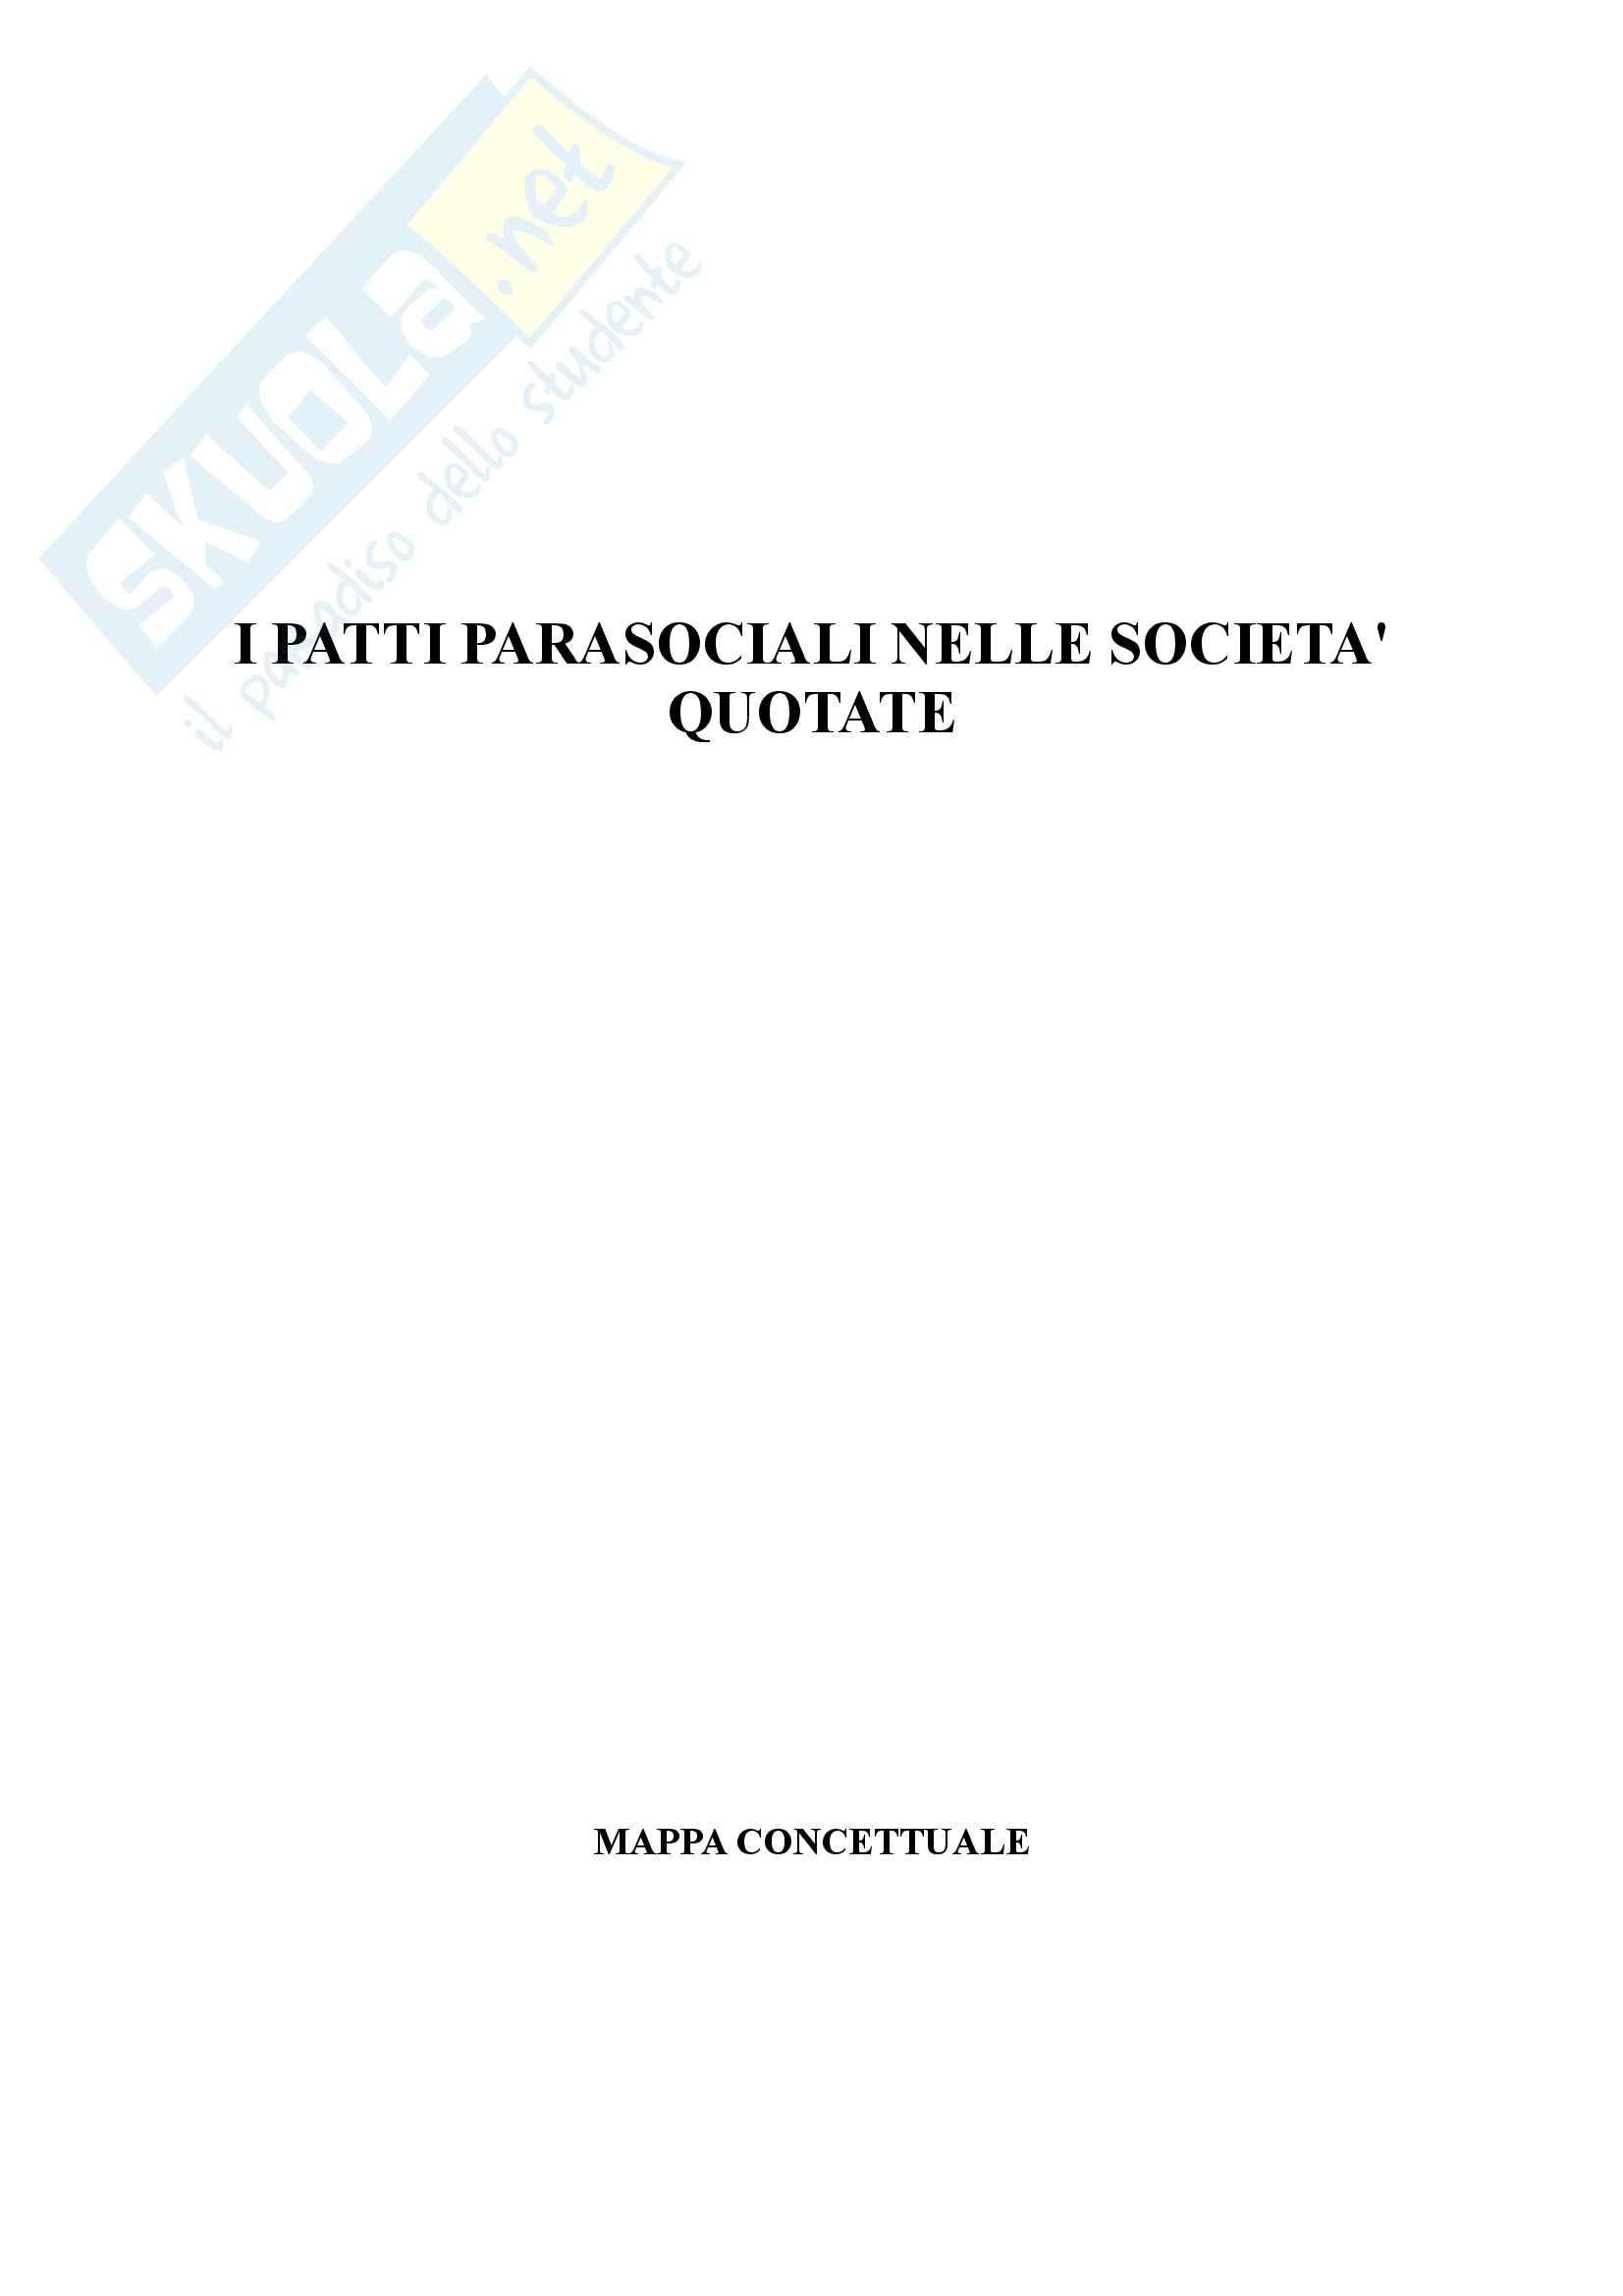 Diritto commerciale - patti parasociali